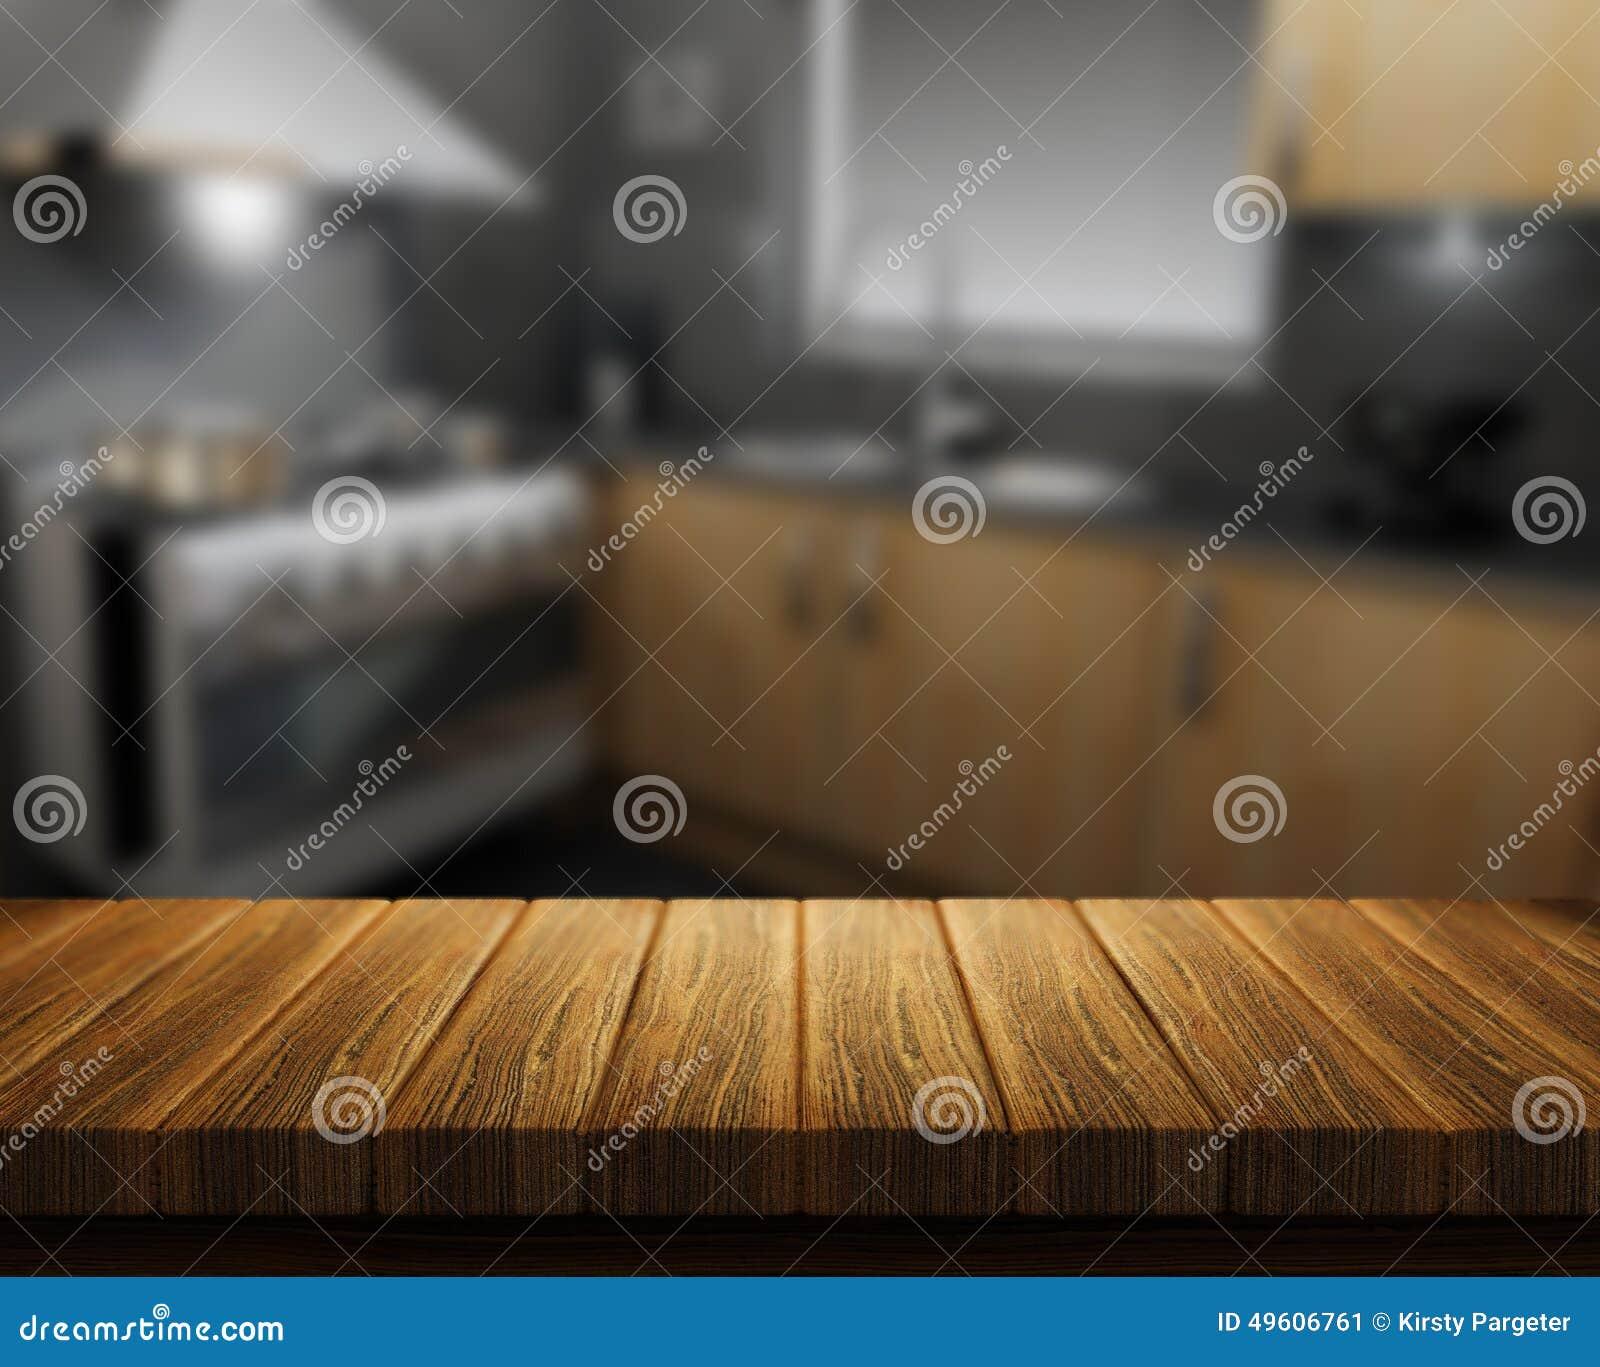 Table En Bois Avec La Cuisine à Larrière Plan Illustration Stock